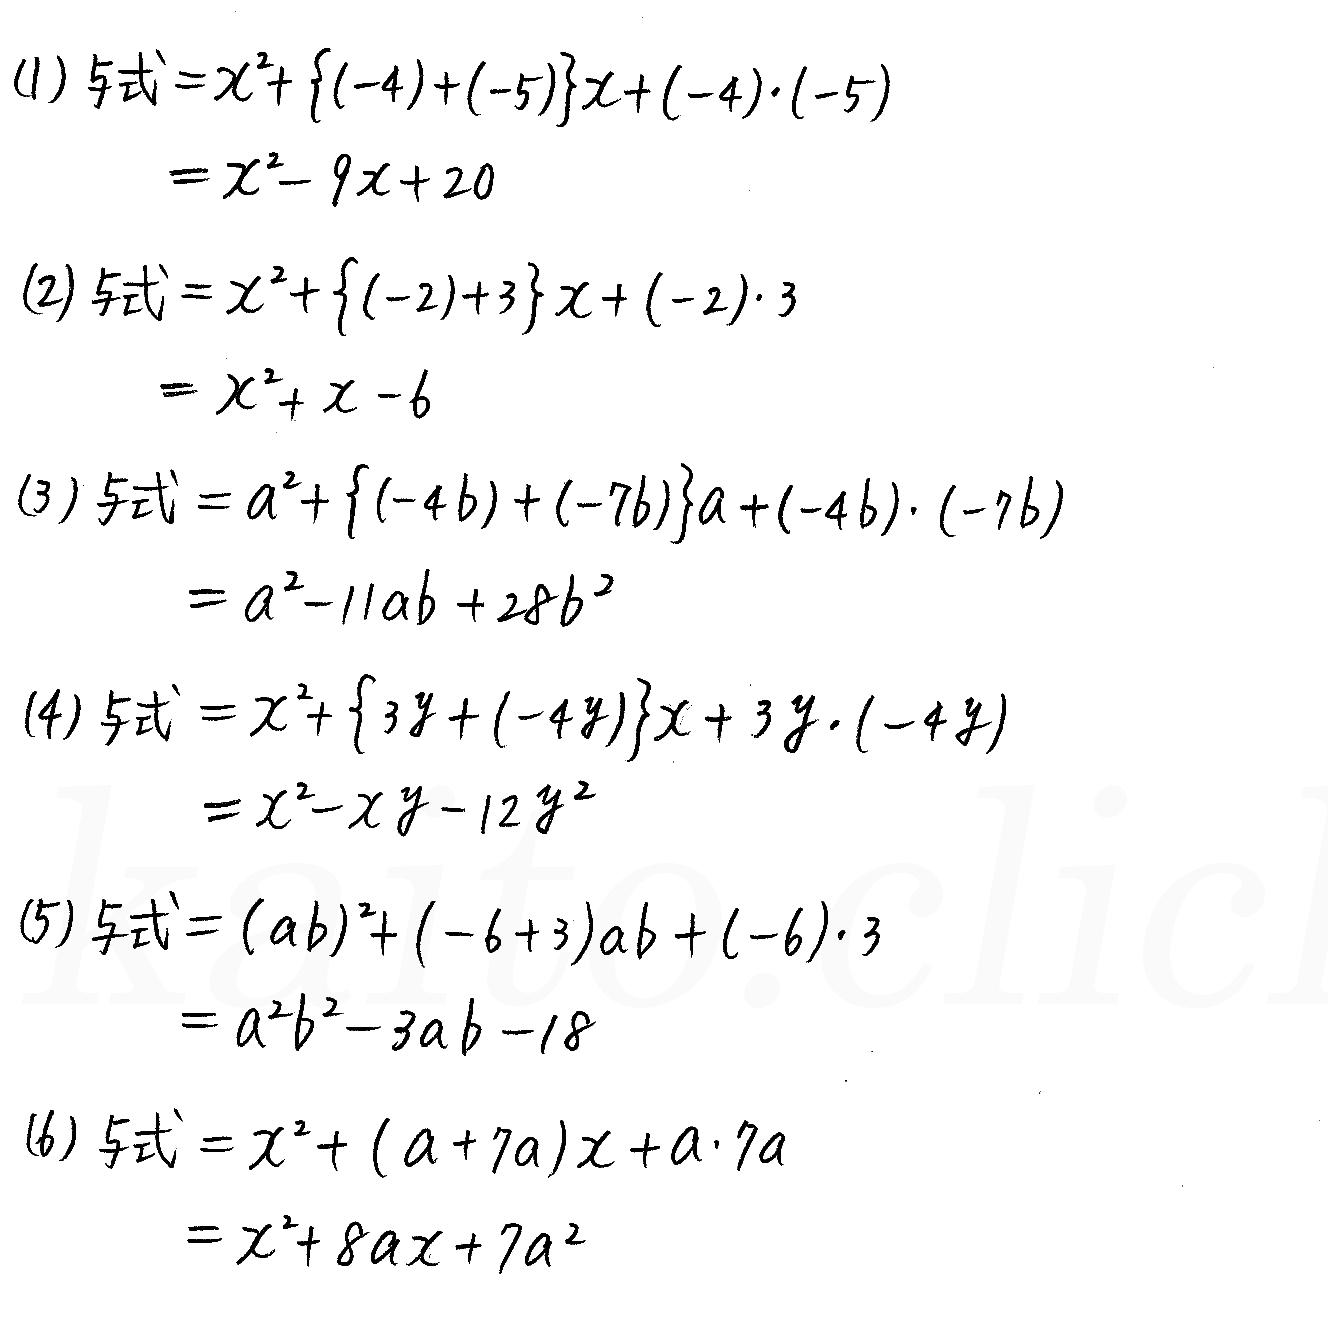 クリアー数学1-20解答